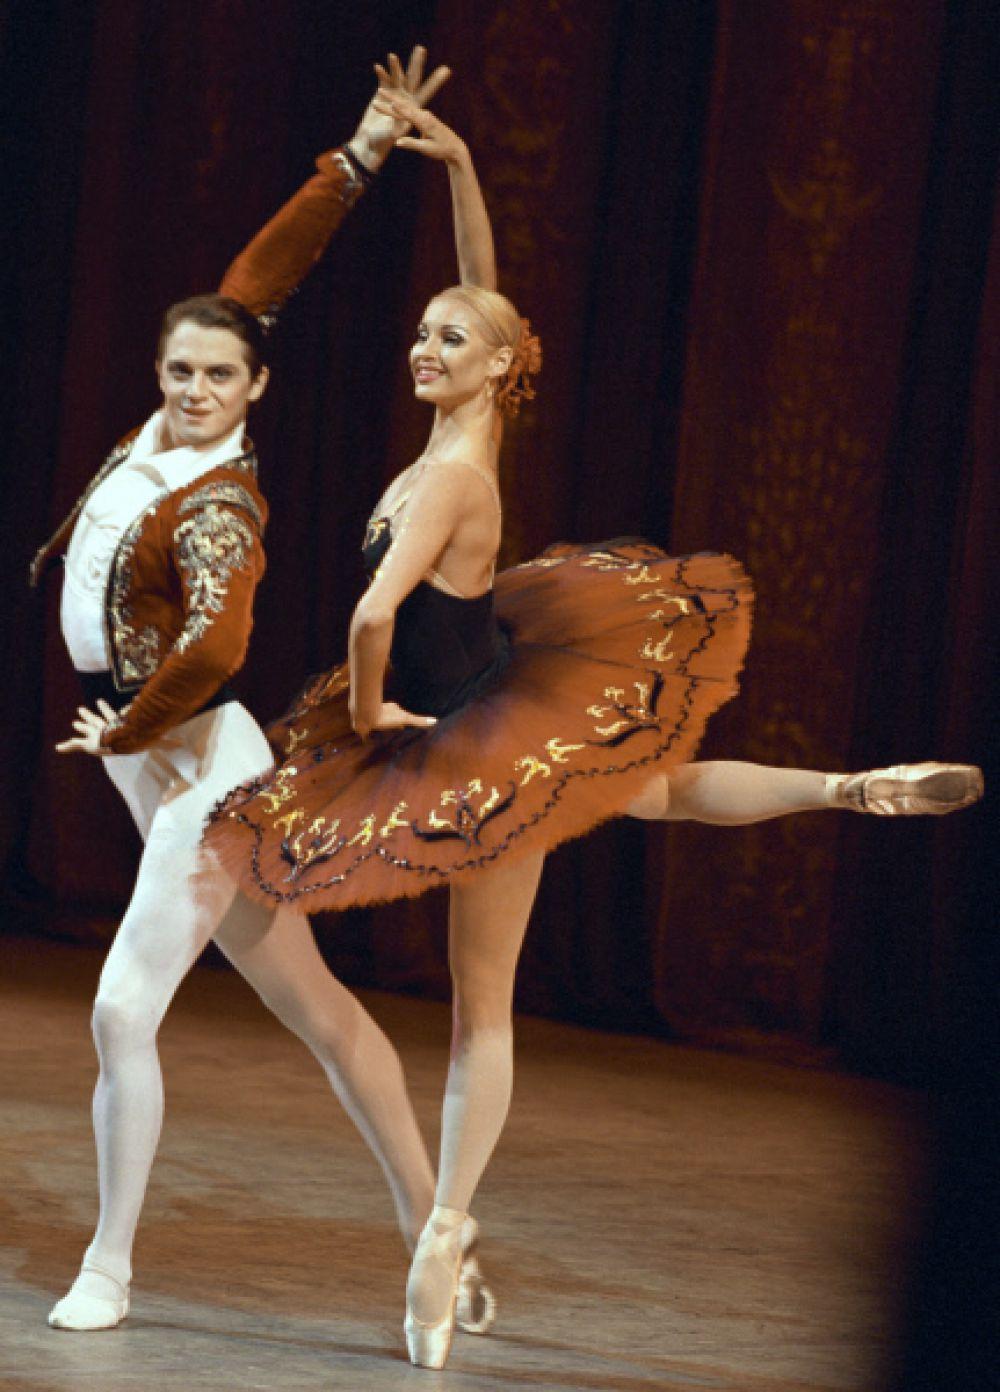 Балетная карьера Анастасии Волочковой | Фото | Культура | Аргументы и Факты